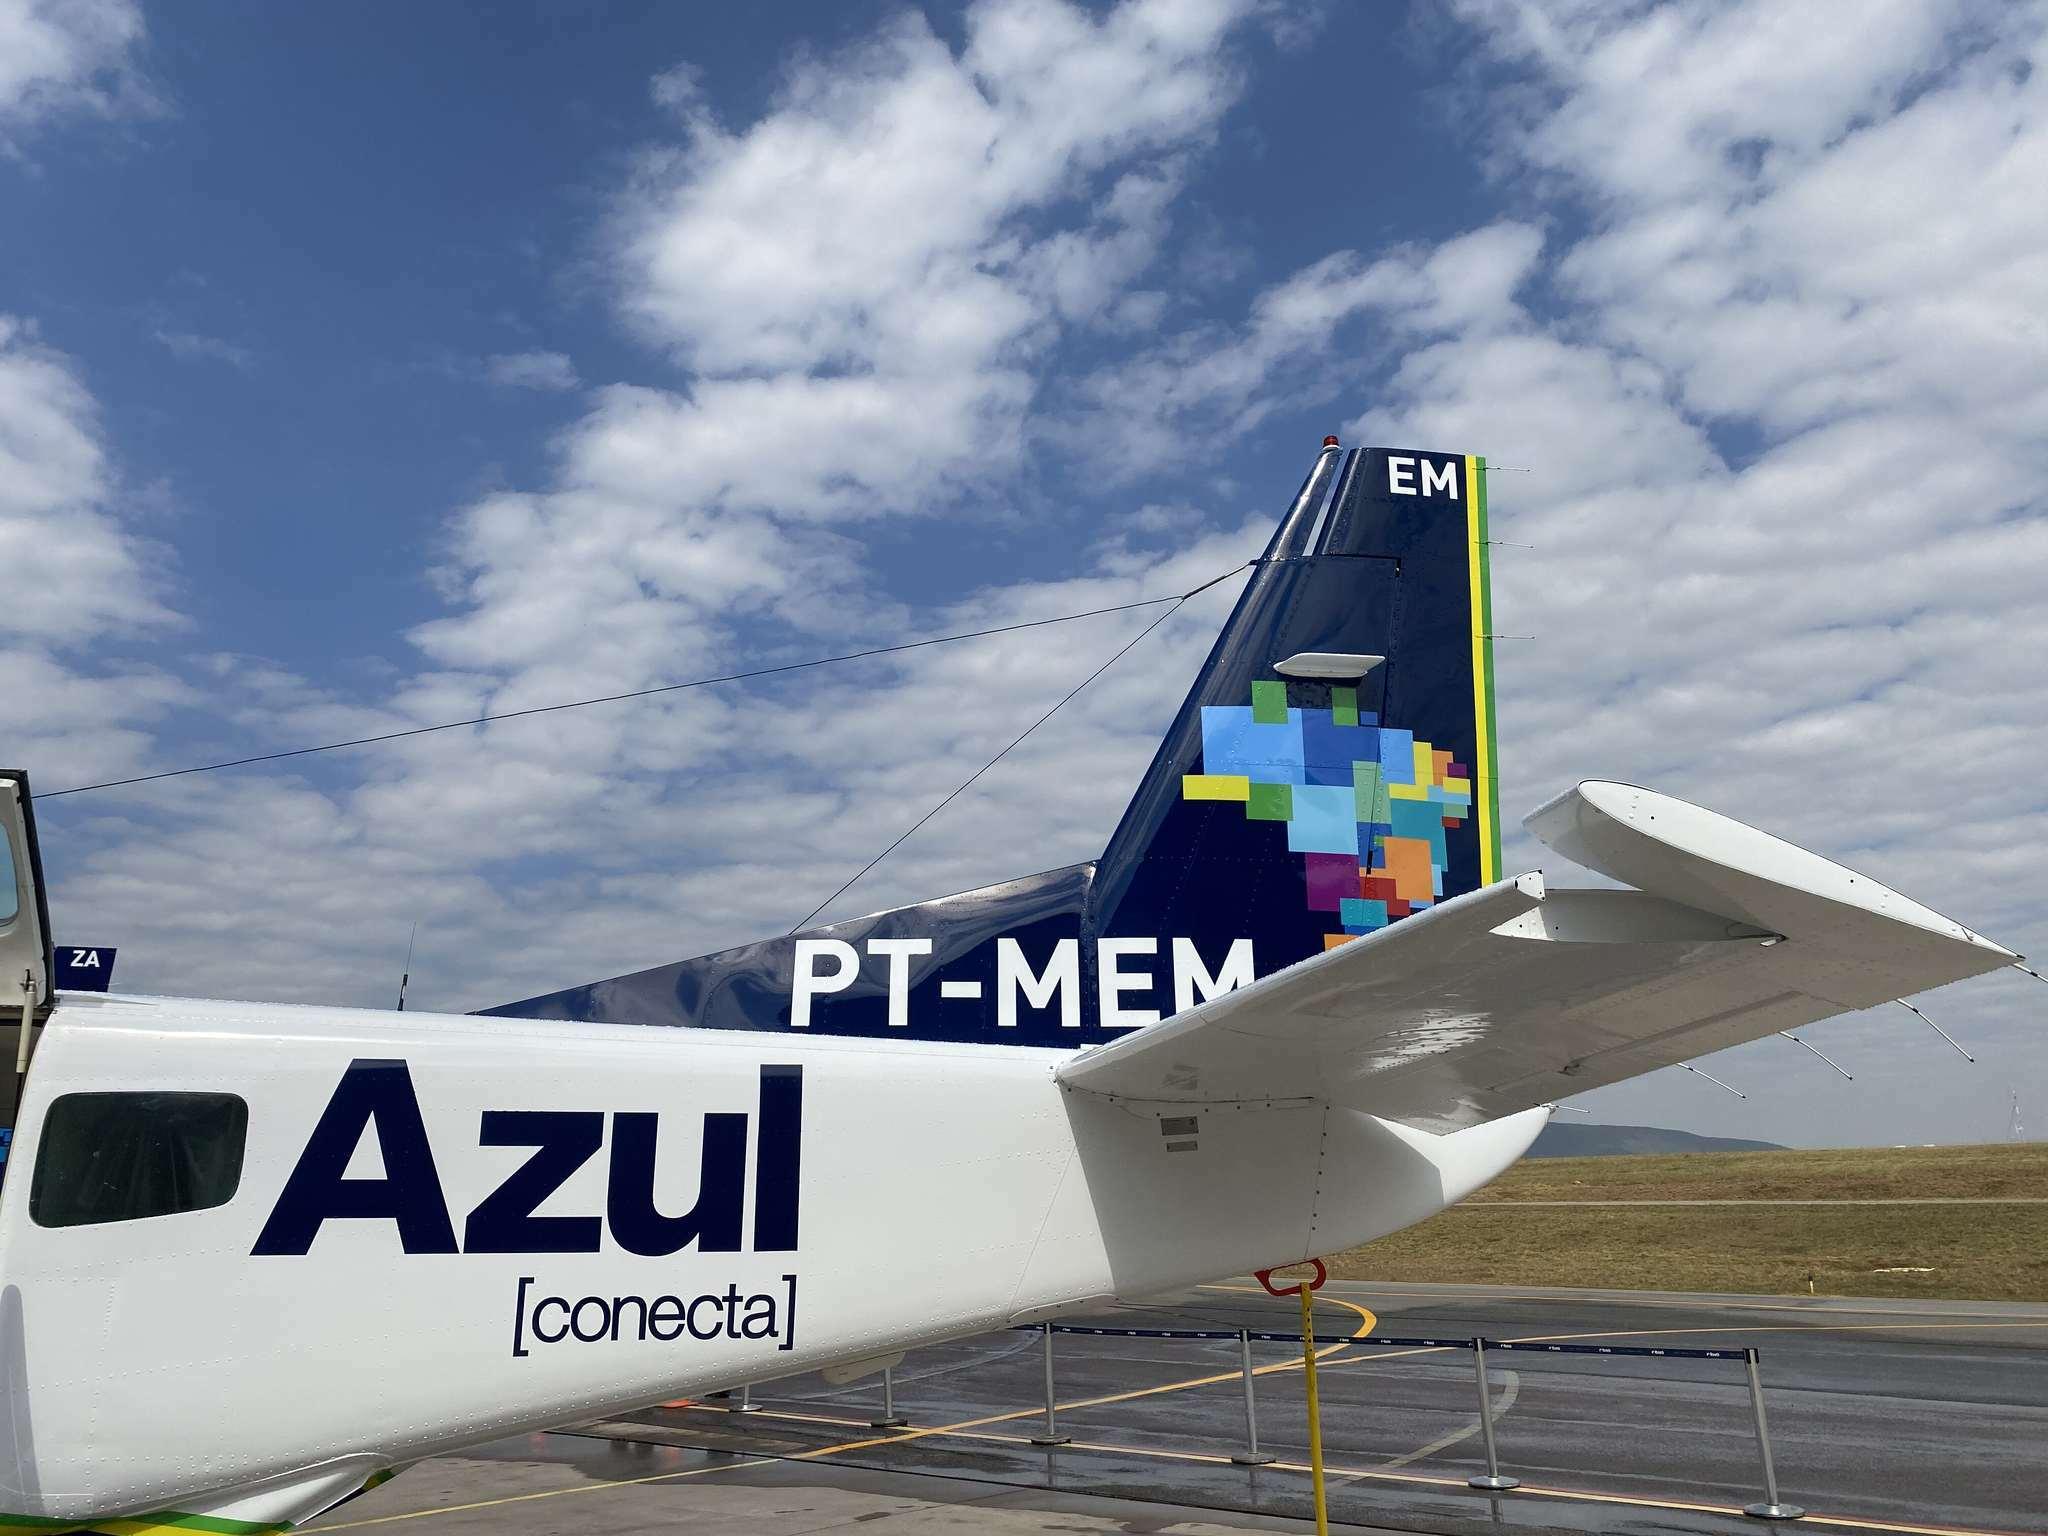 aviação regional Azul Conecta